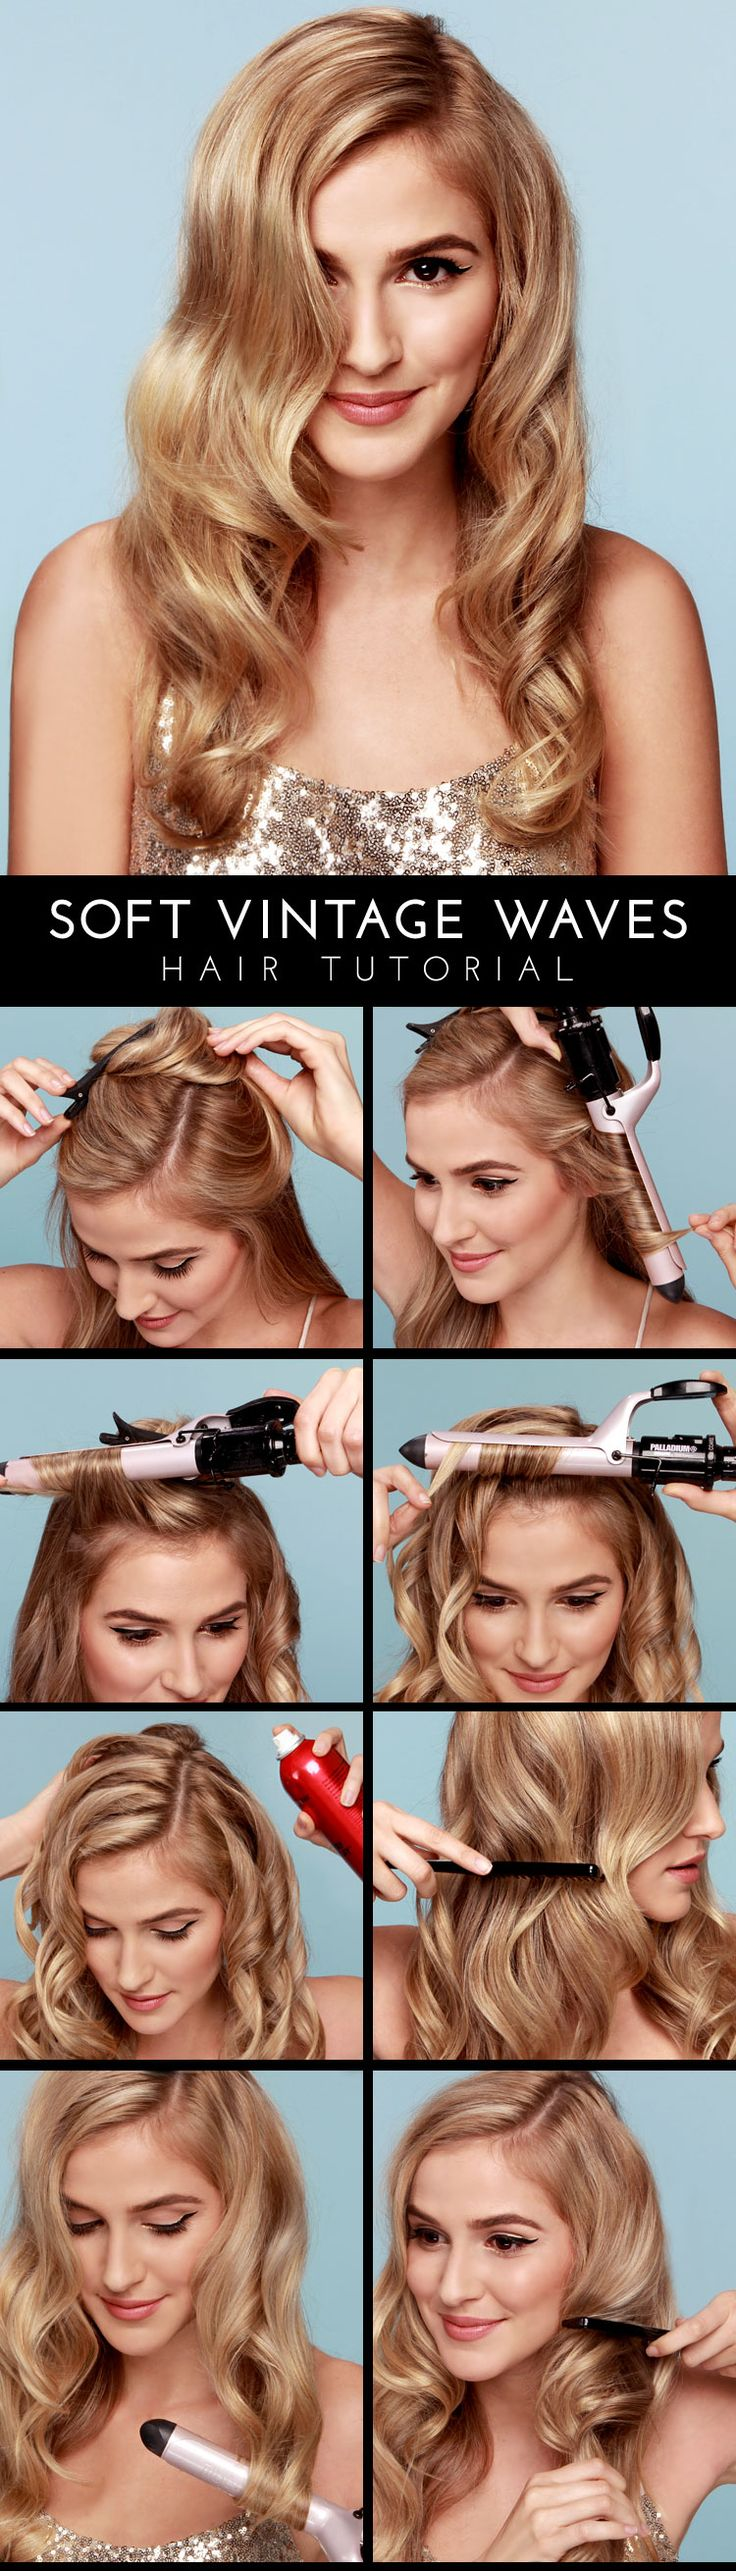 soft vintage waves